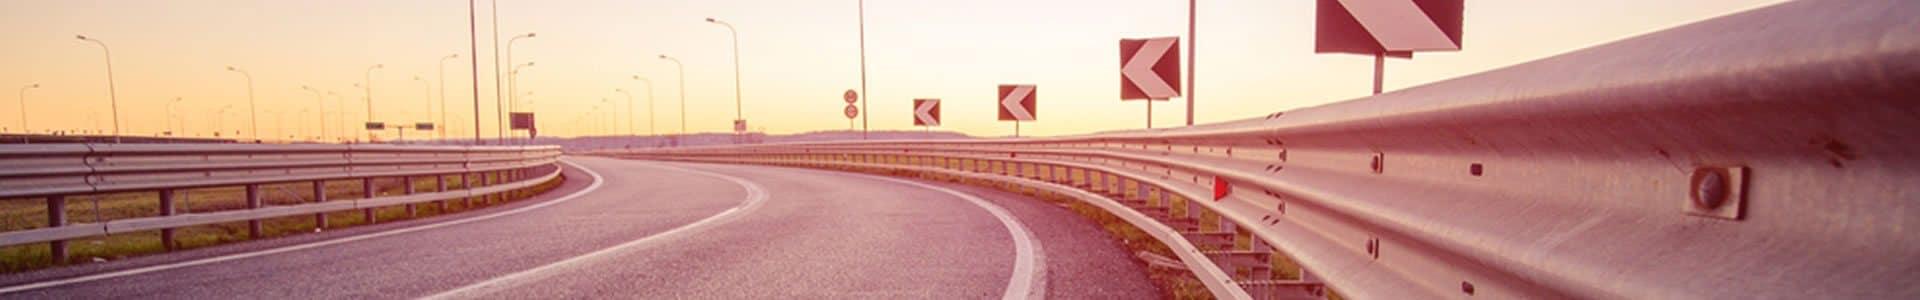 trazado carretera conducción